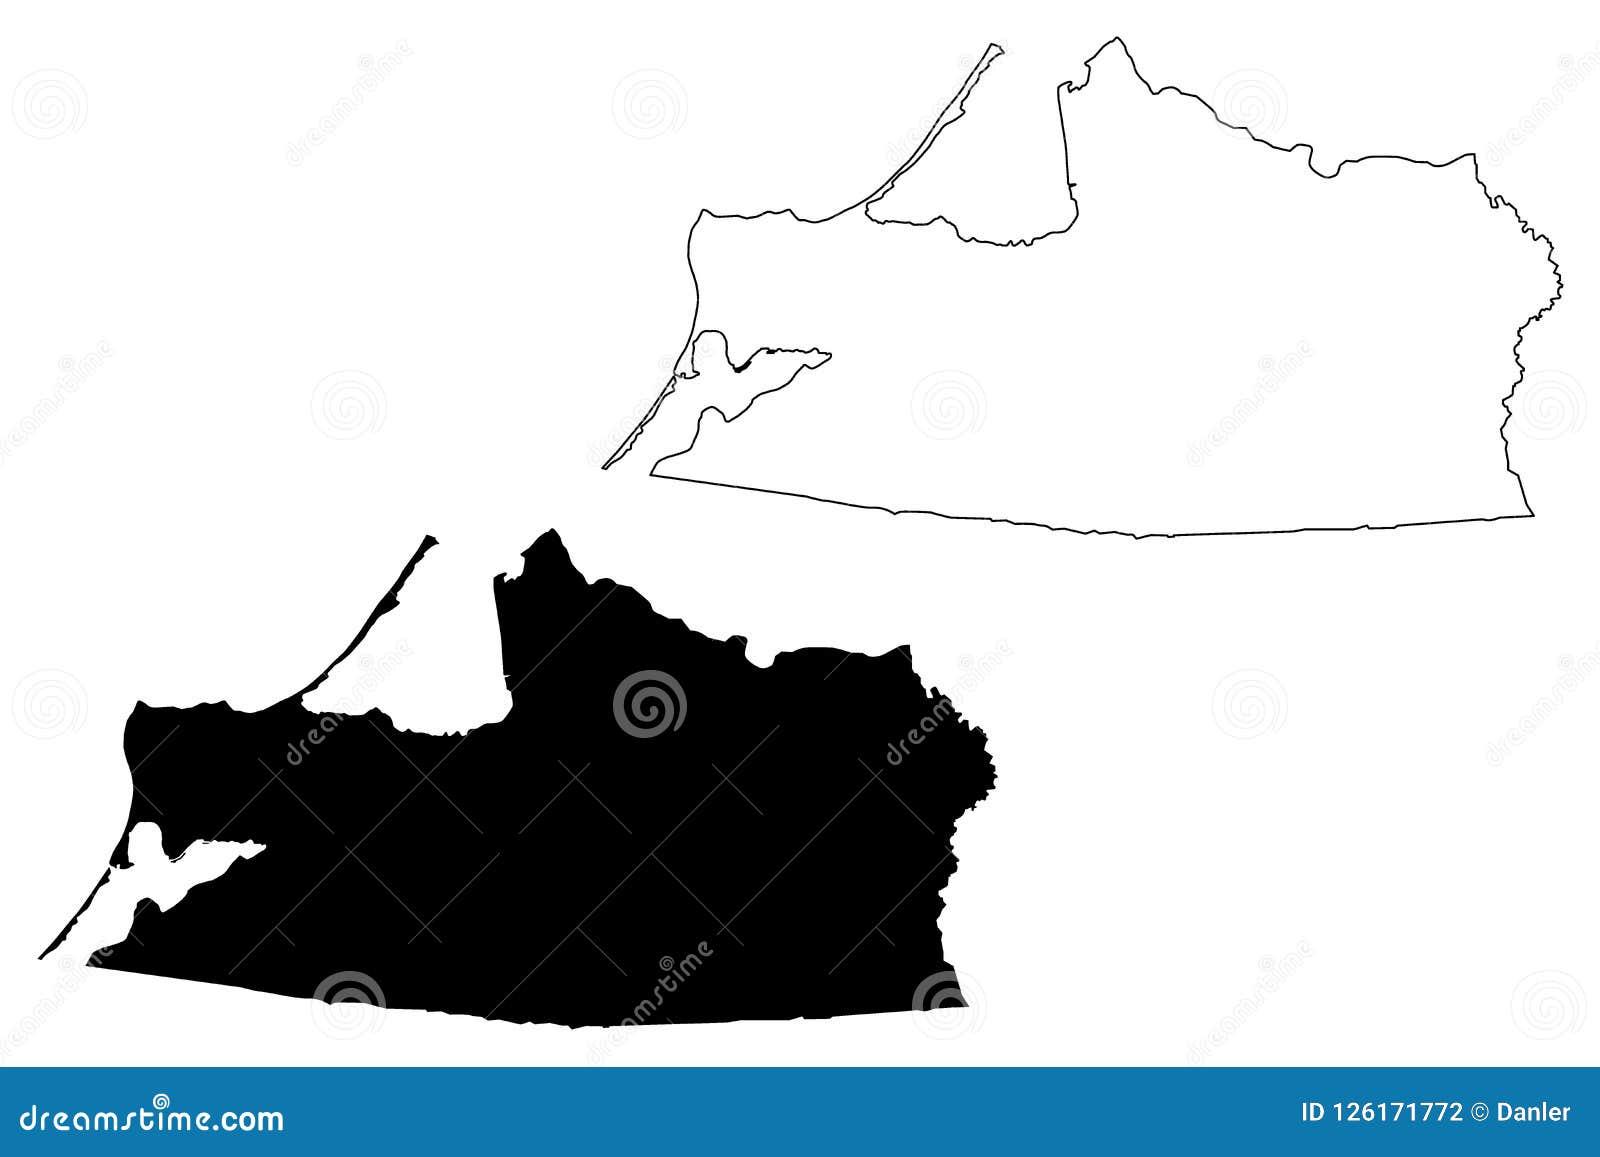 Kaliningrad Oblast Map Vector Stock Vector Illustration Of